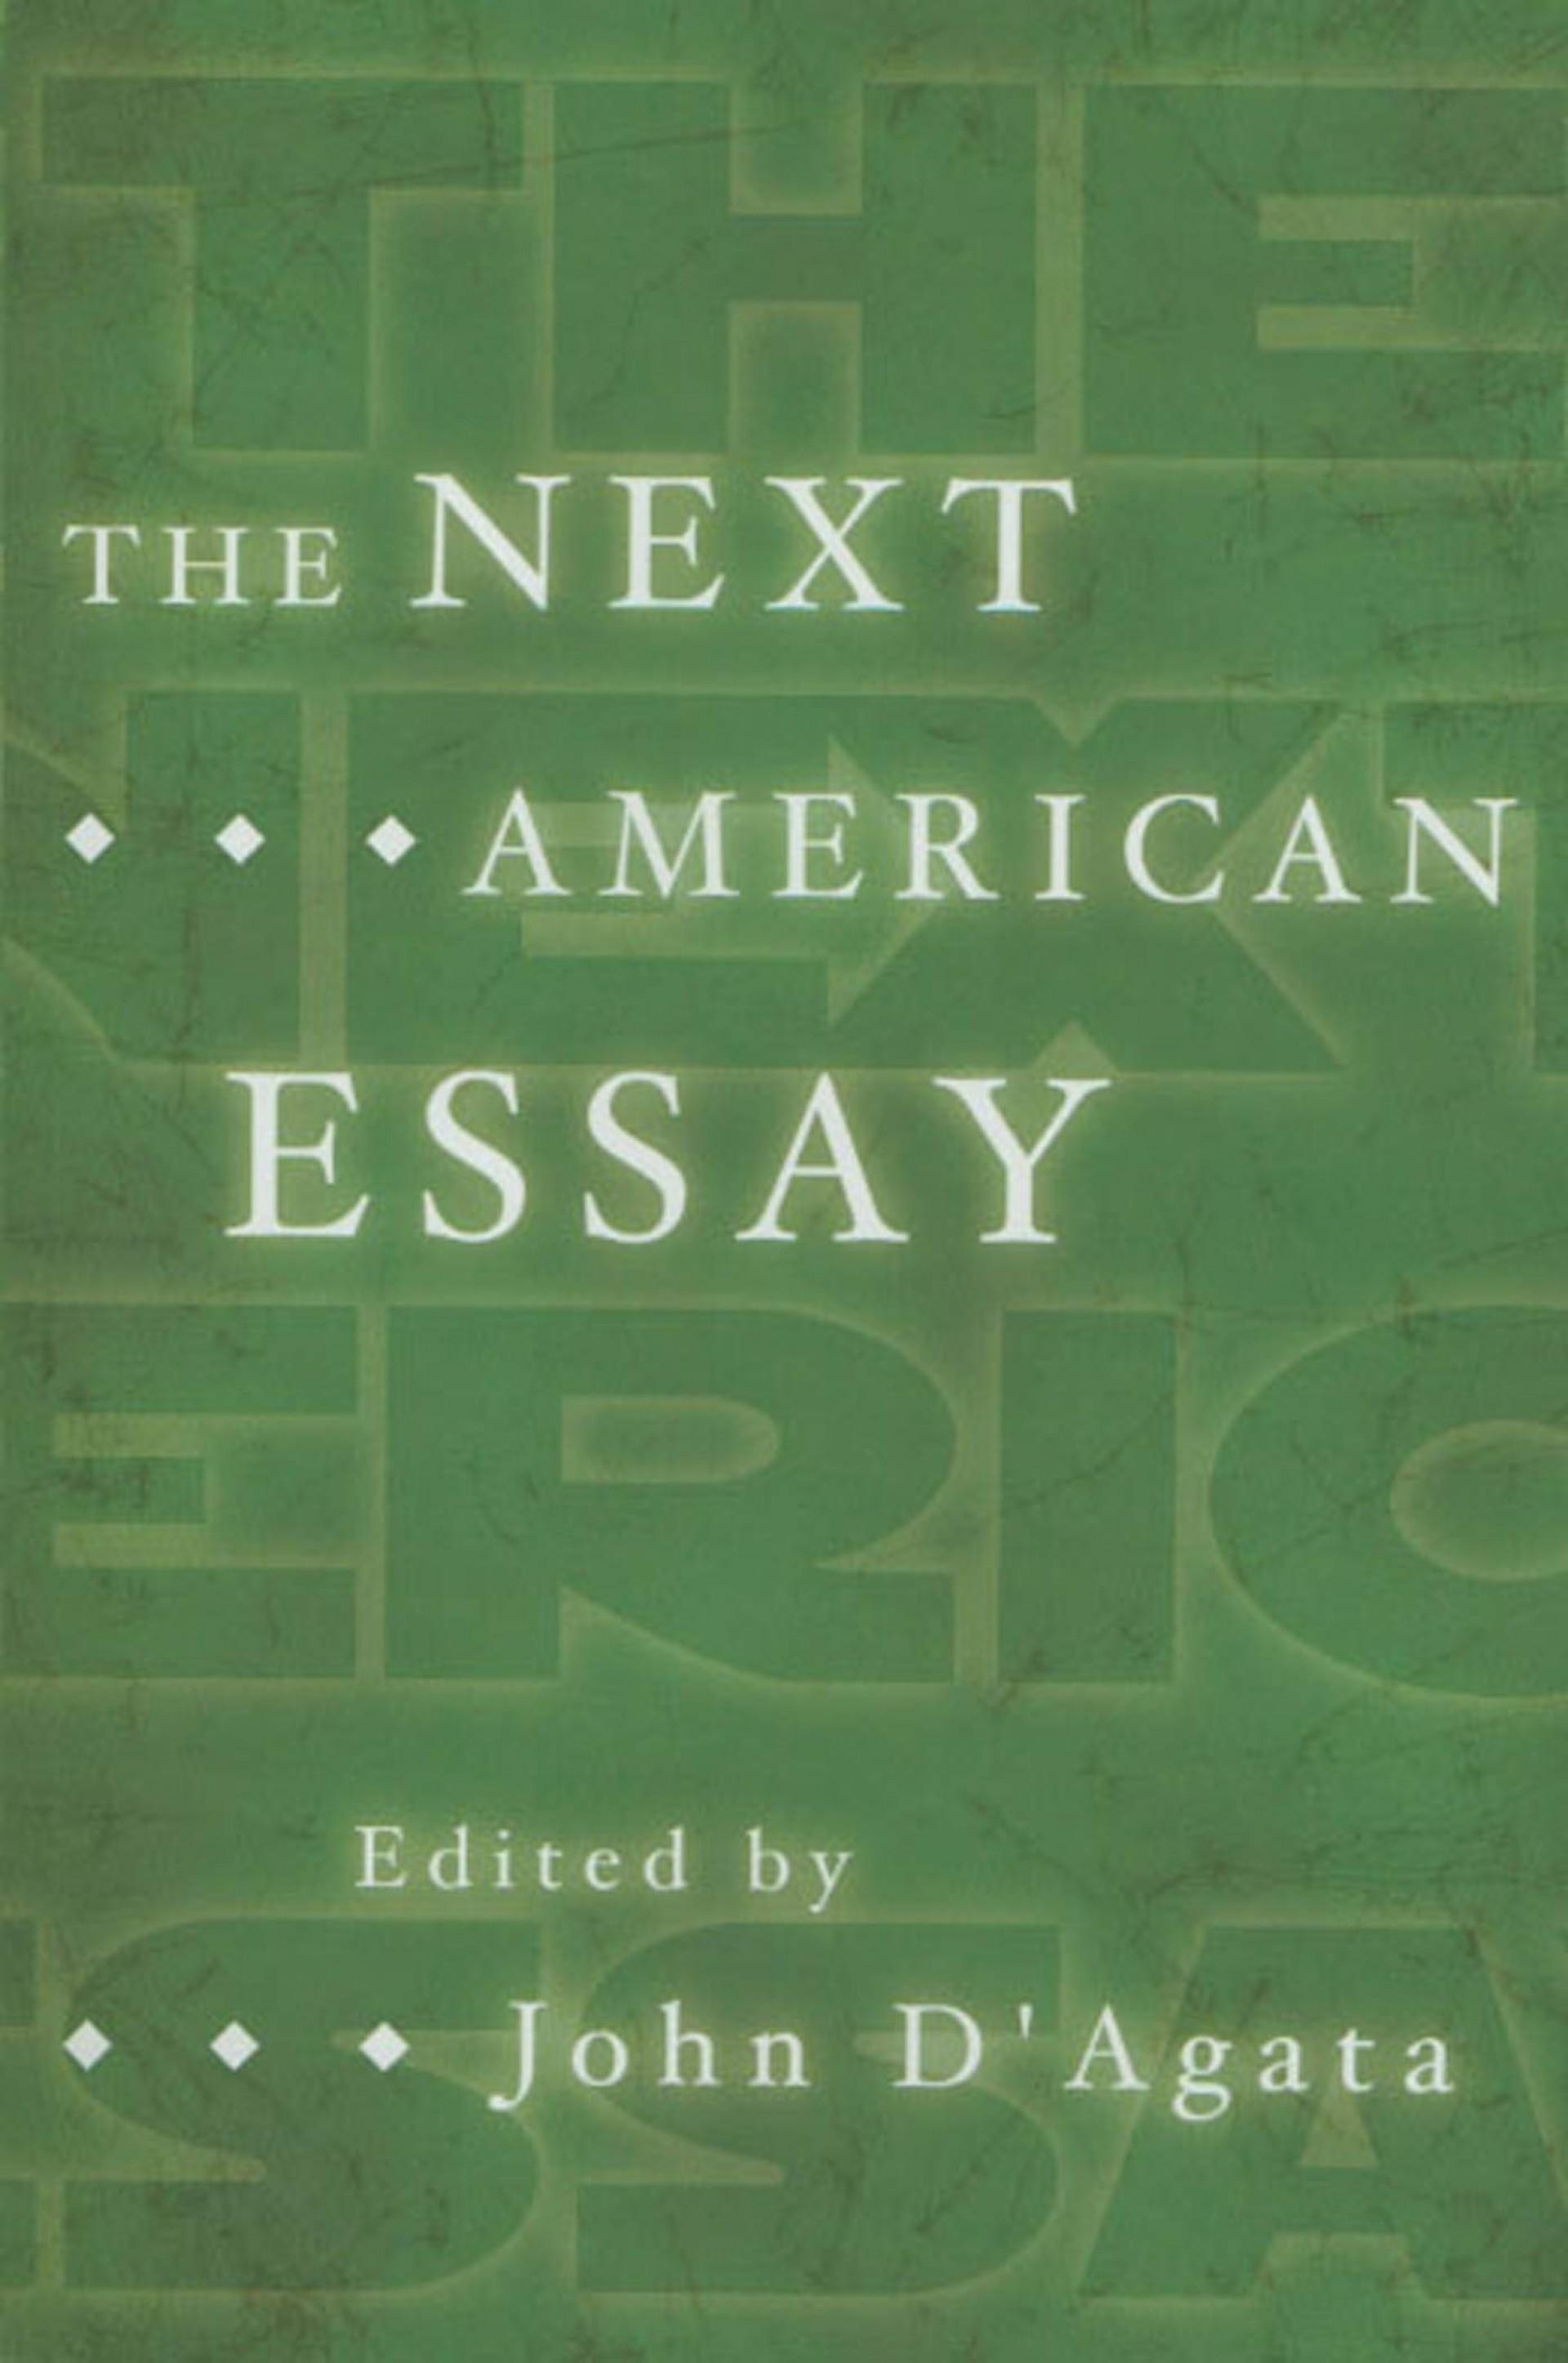 024 61uwmdqvqdl American Essay Striking Topics Titles Format 1920